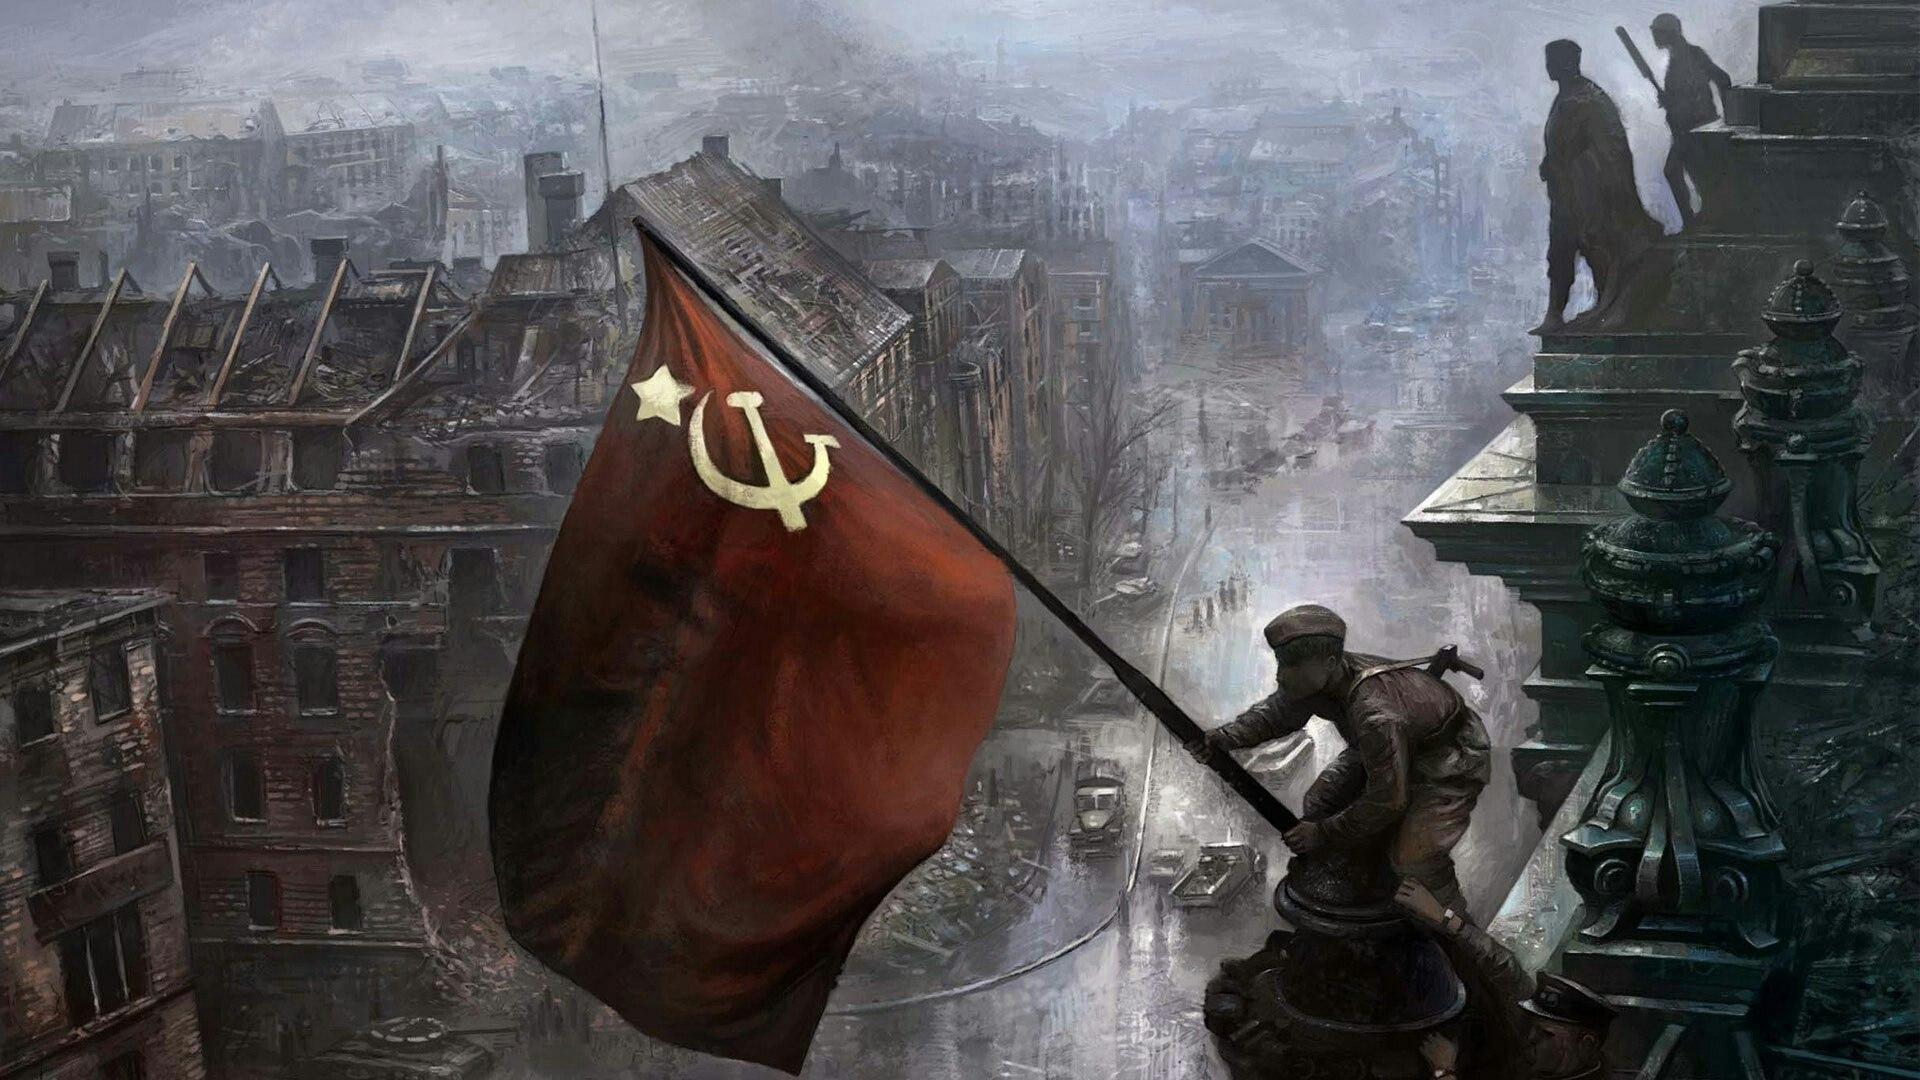 С Днем Победы! AwhdrkKPTp8